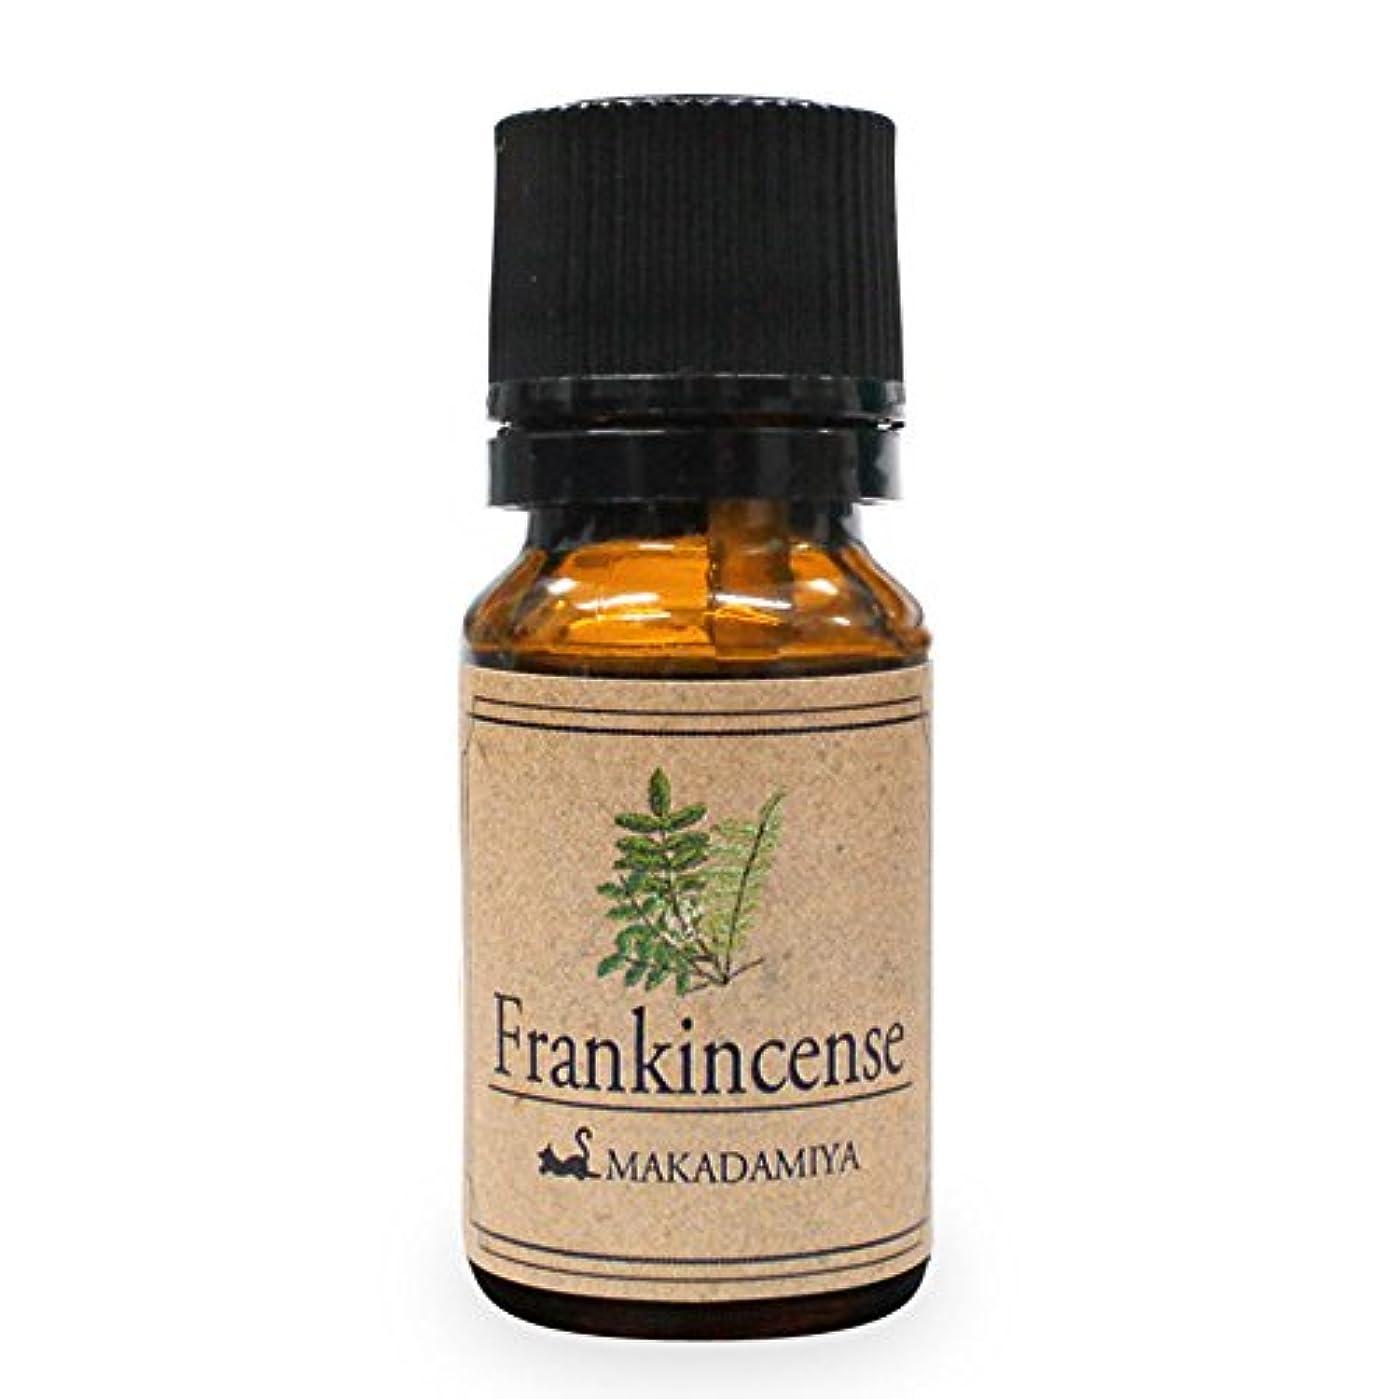 堀調停者ジャニスフランキンセンス10ml 天然100%植物性 エッセンシャルオイル(精油) アロマオイル アロママッサージ aroma Frankincense